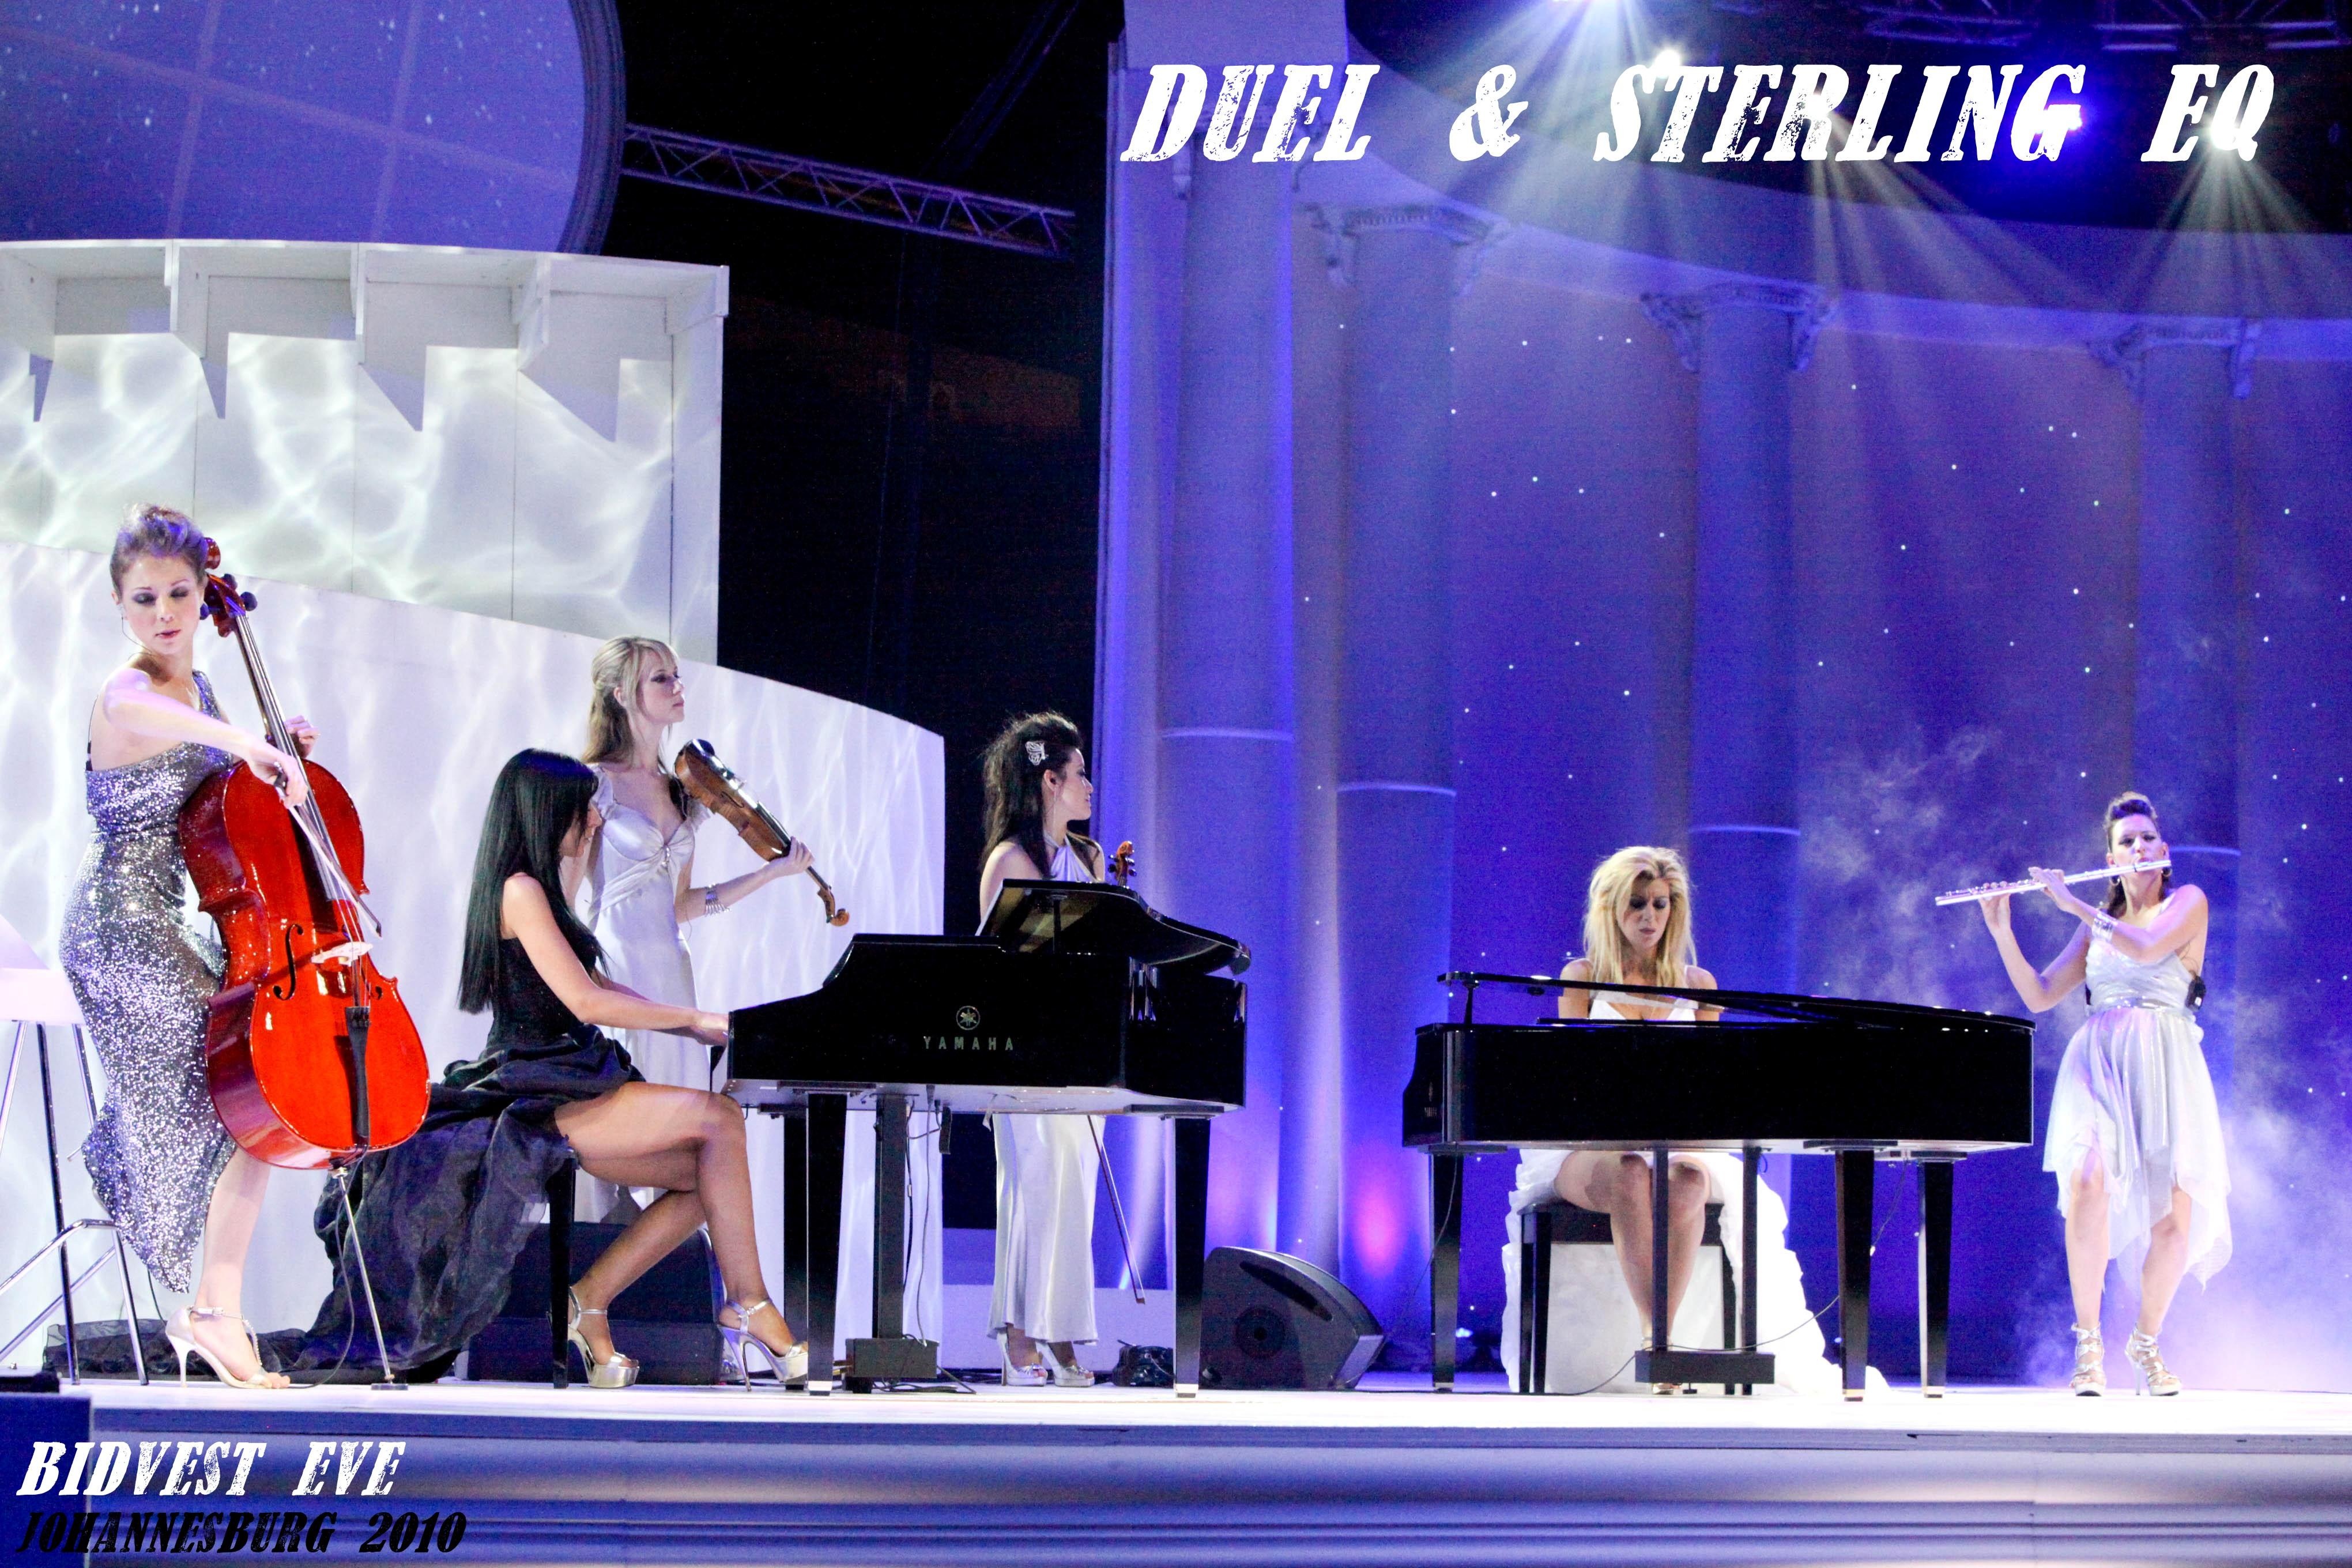 Bidvest Eve 2010